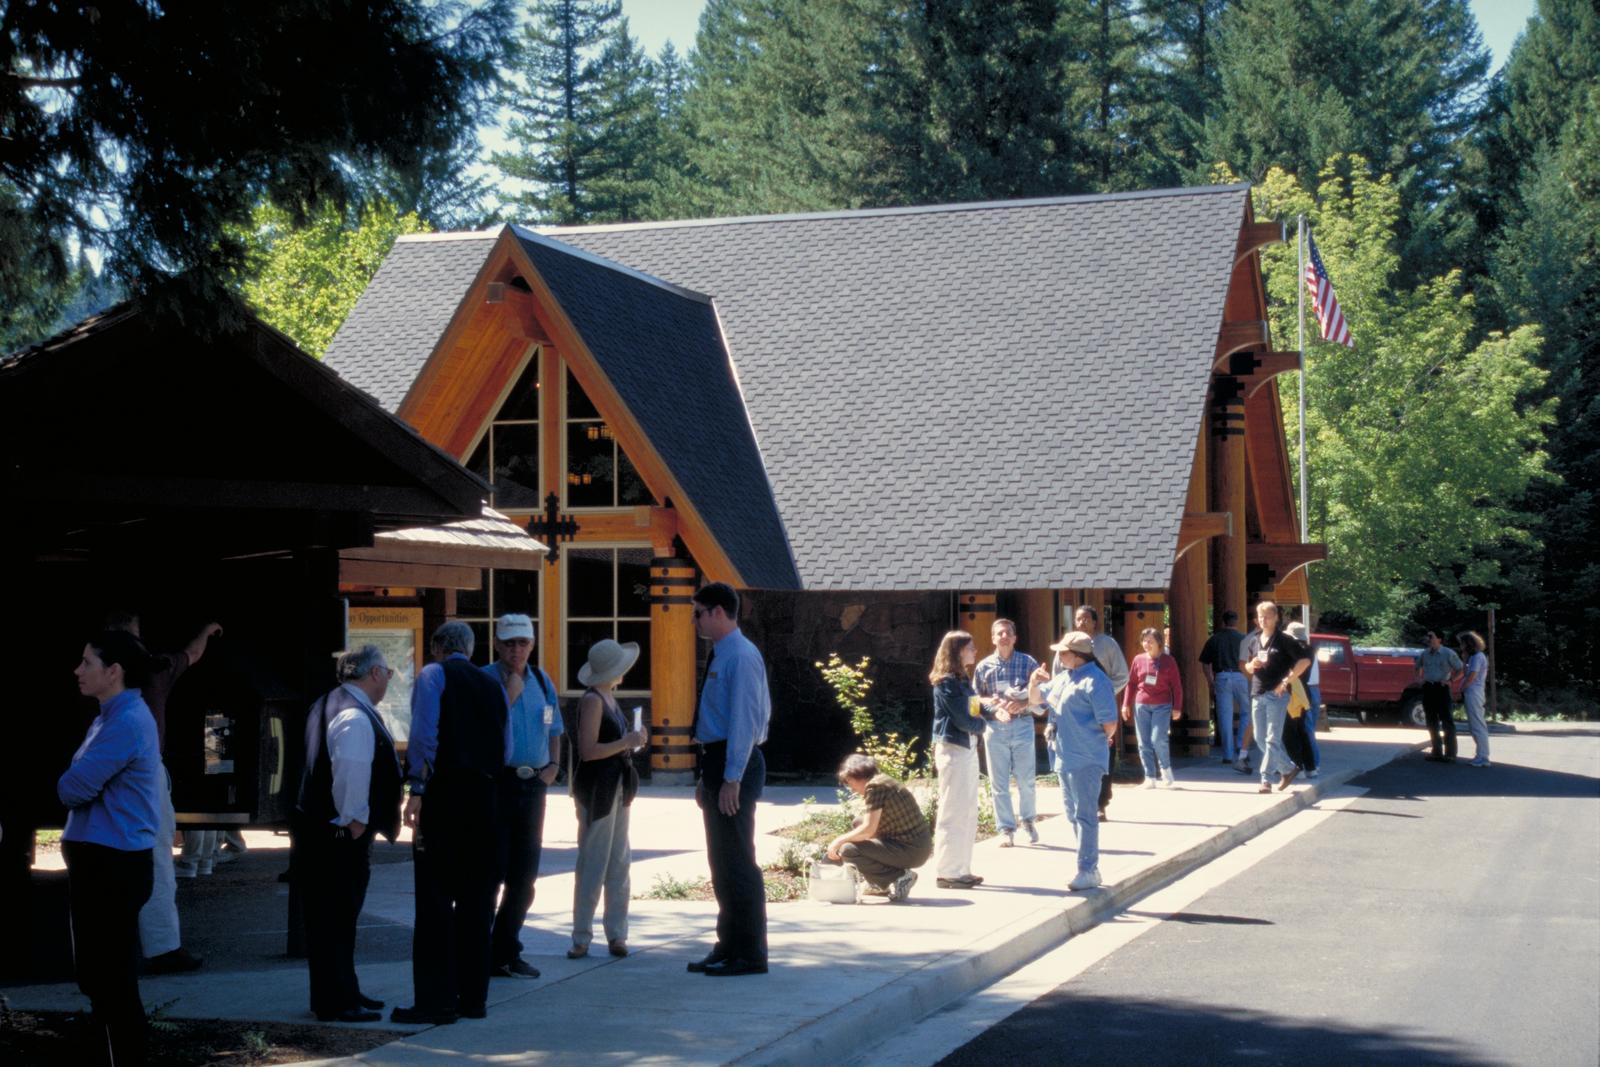 McKenzie Pass-Santiam Pass Scenic Byway - McKenzie Ranger Station